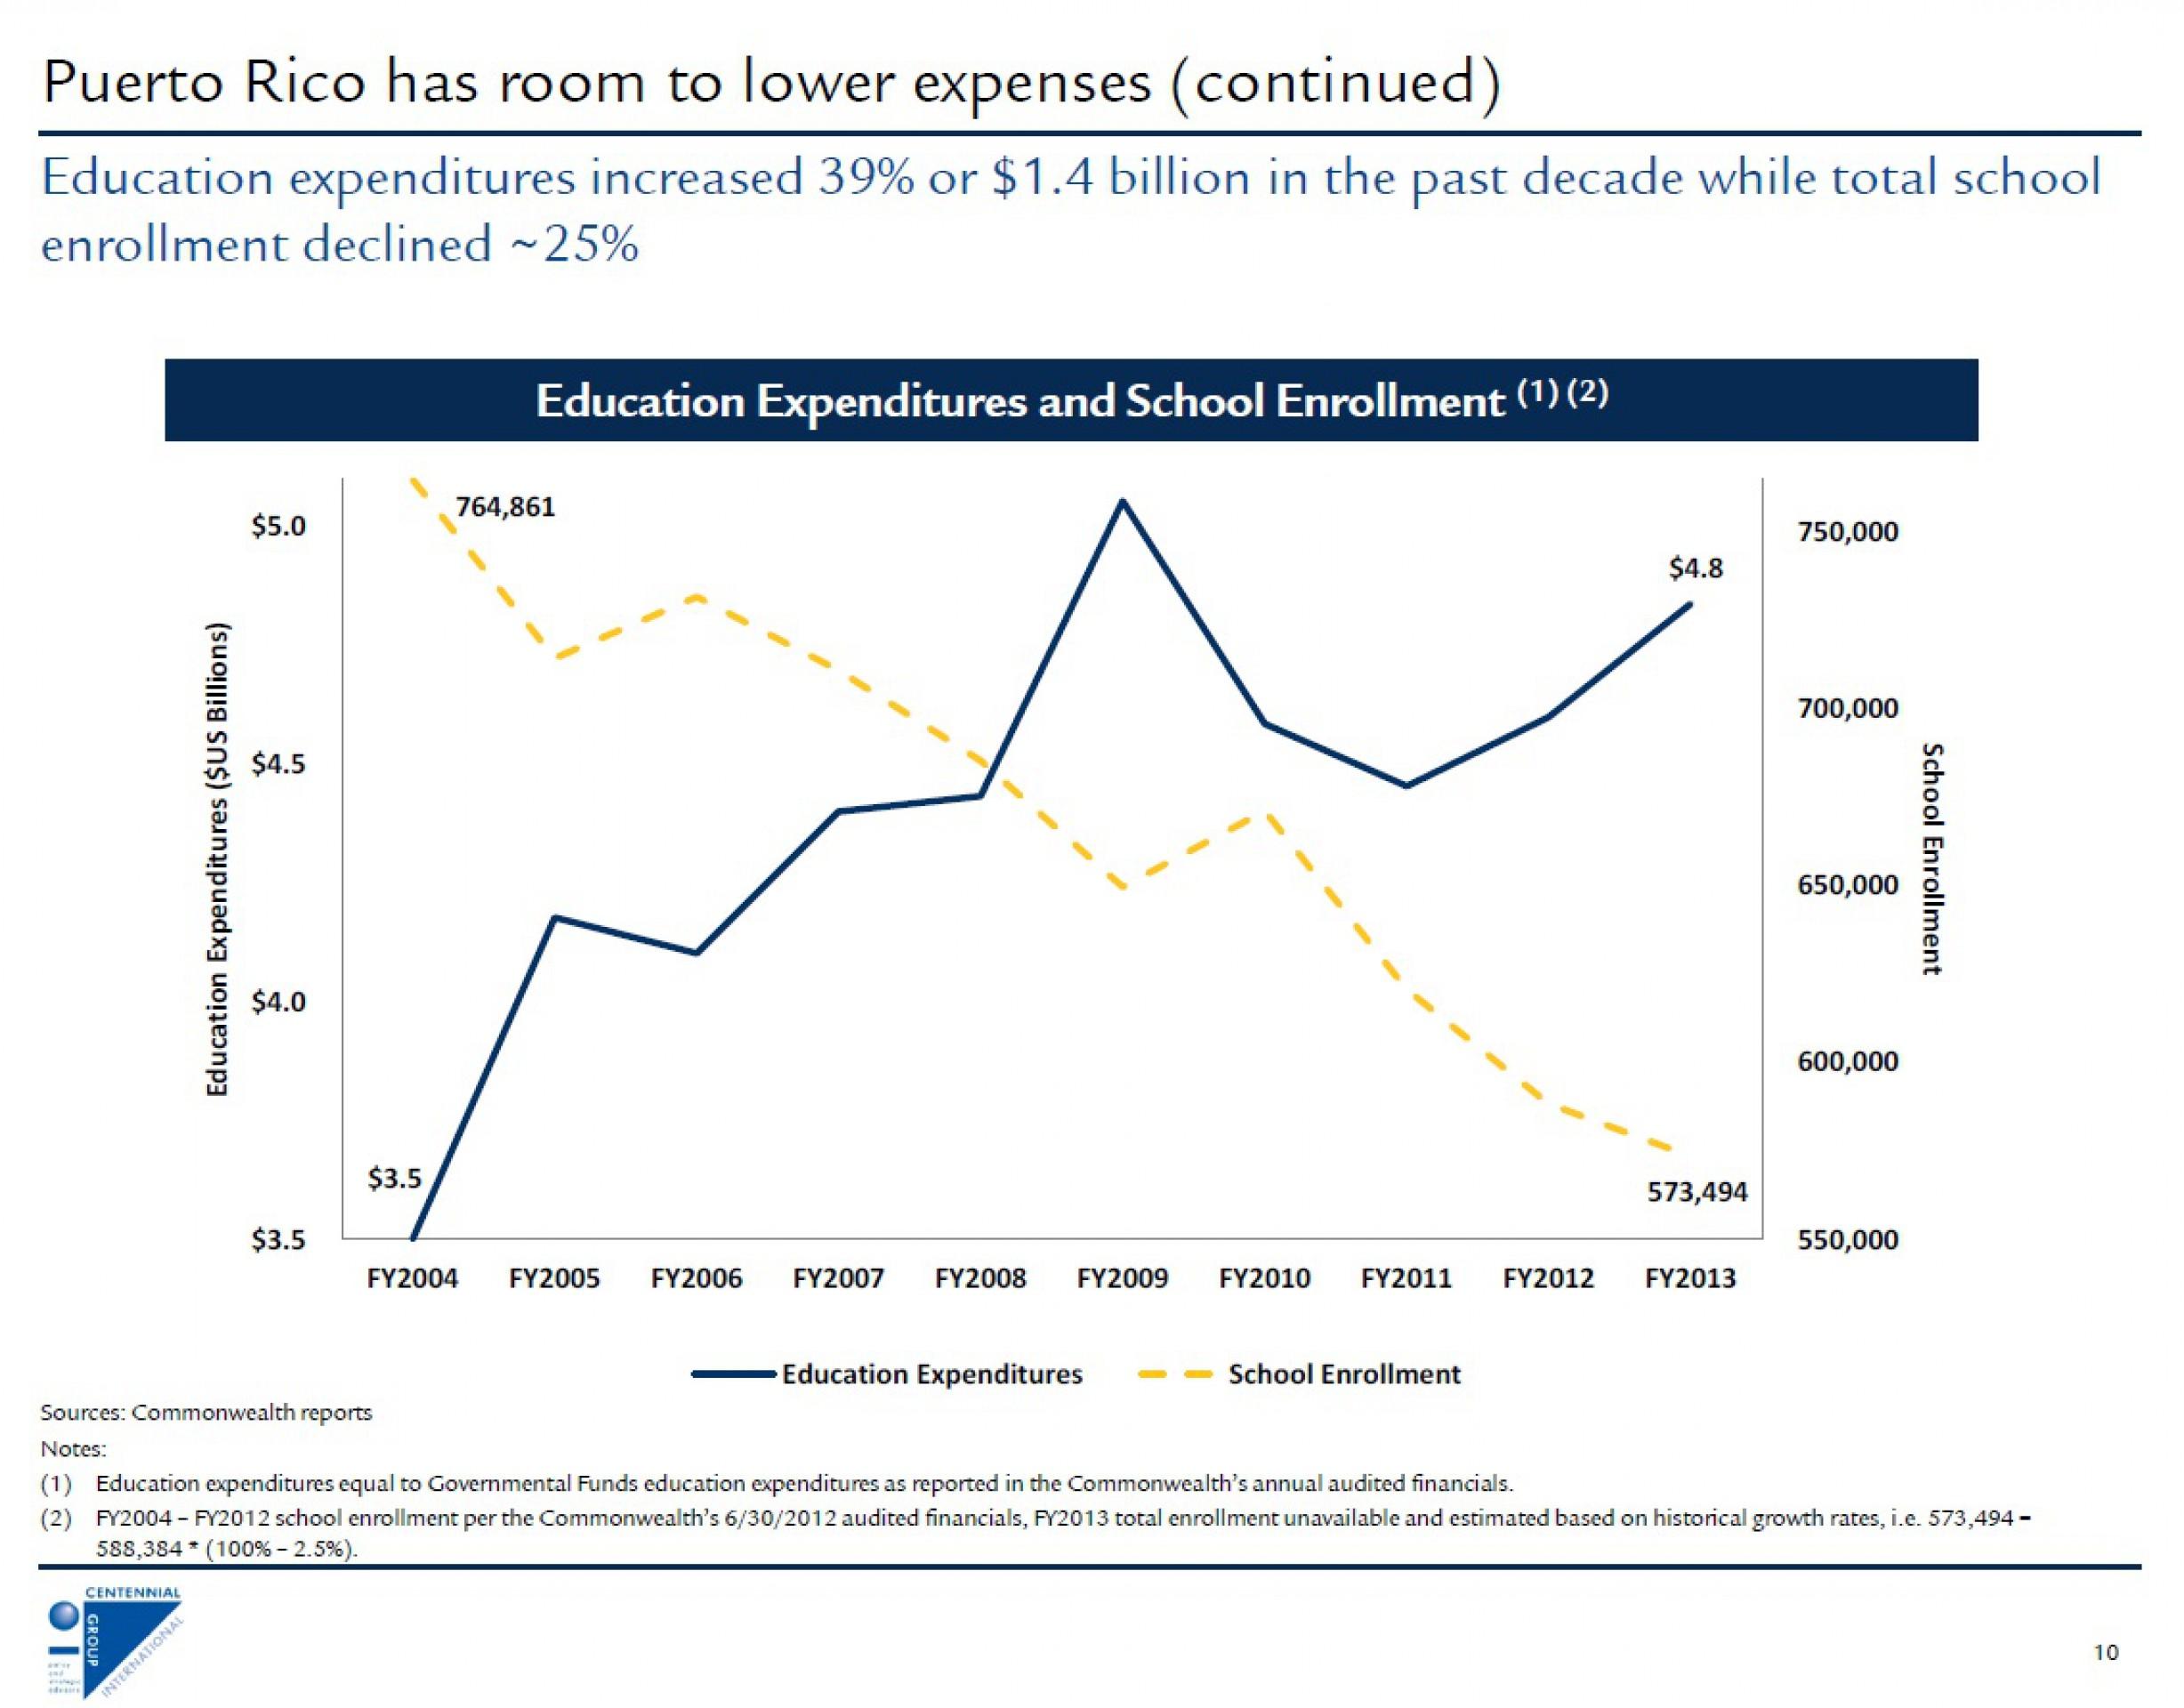 Кредиторы потребовали от Пуэрто-Рико закрыть школы